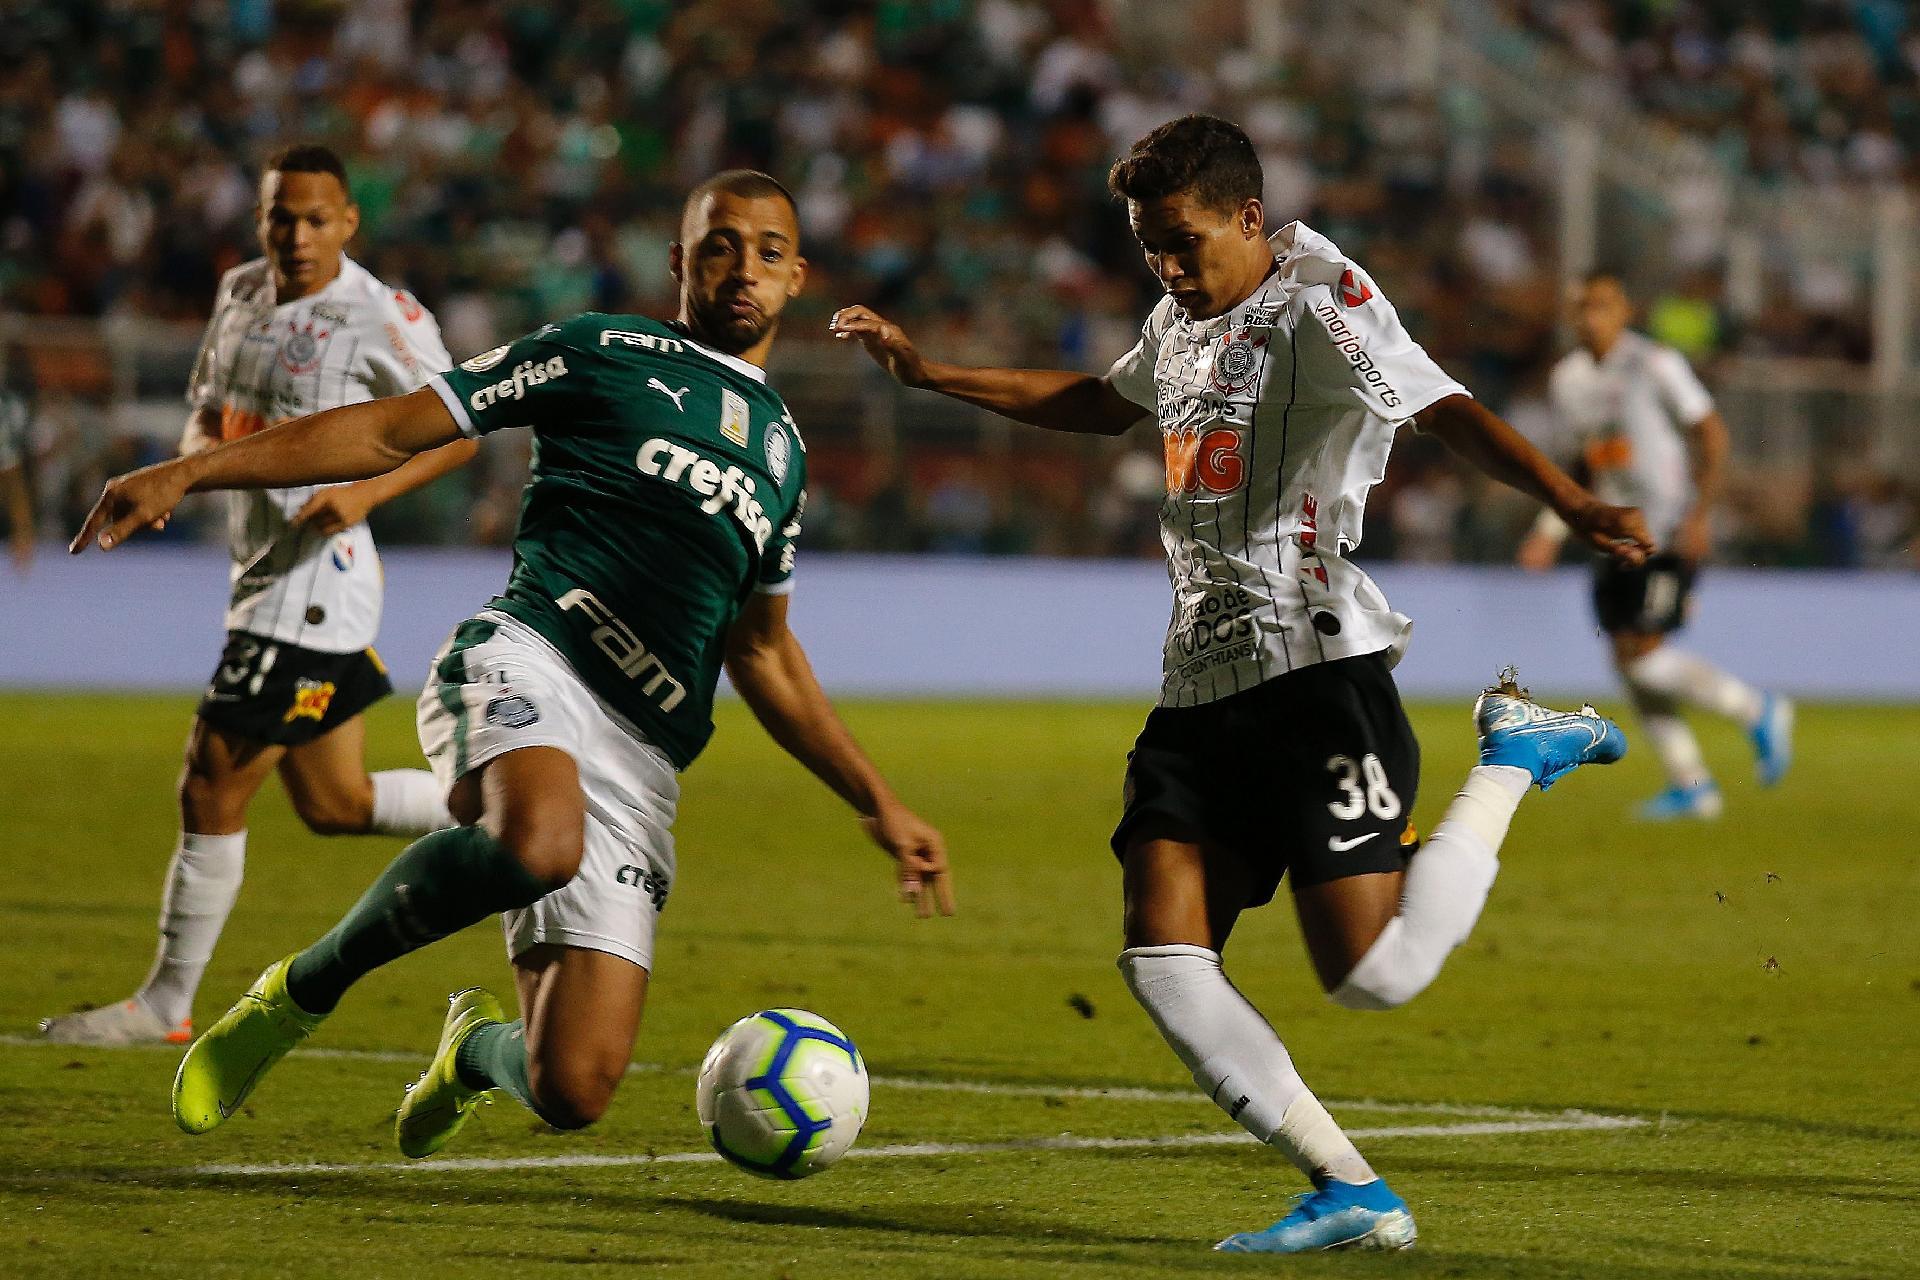 Corinthians E Palmeiras Empatam Com Var Pênalti Perdido E